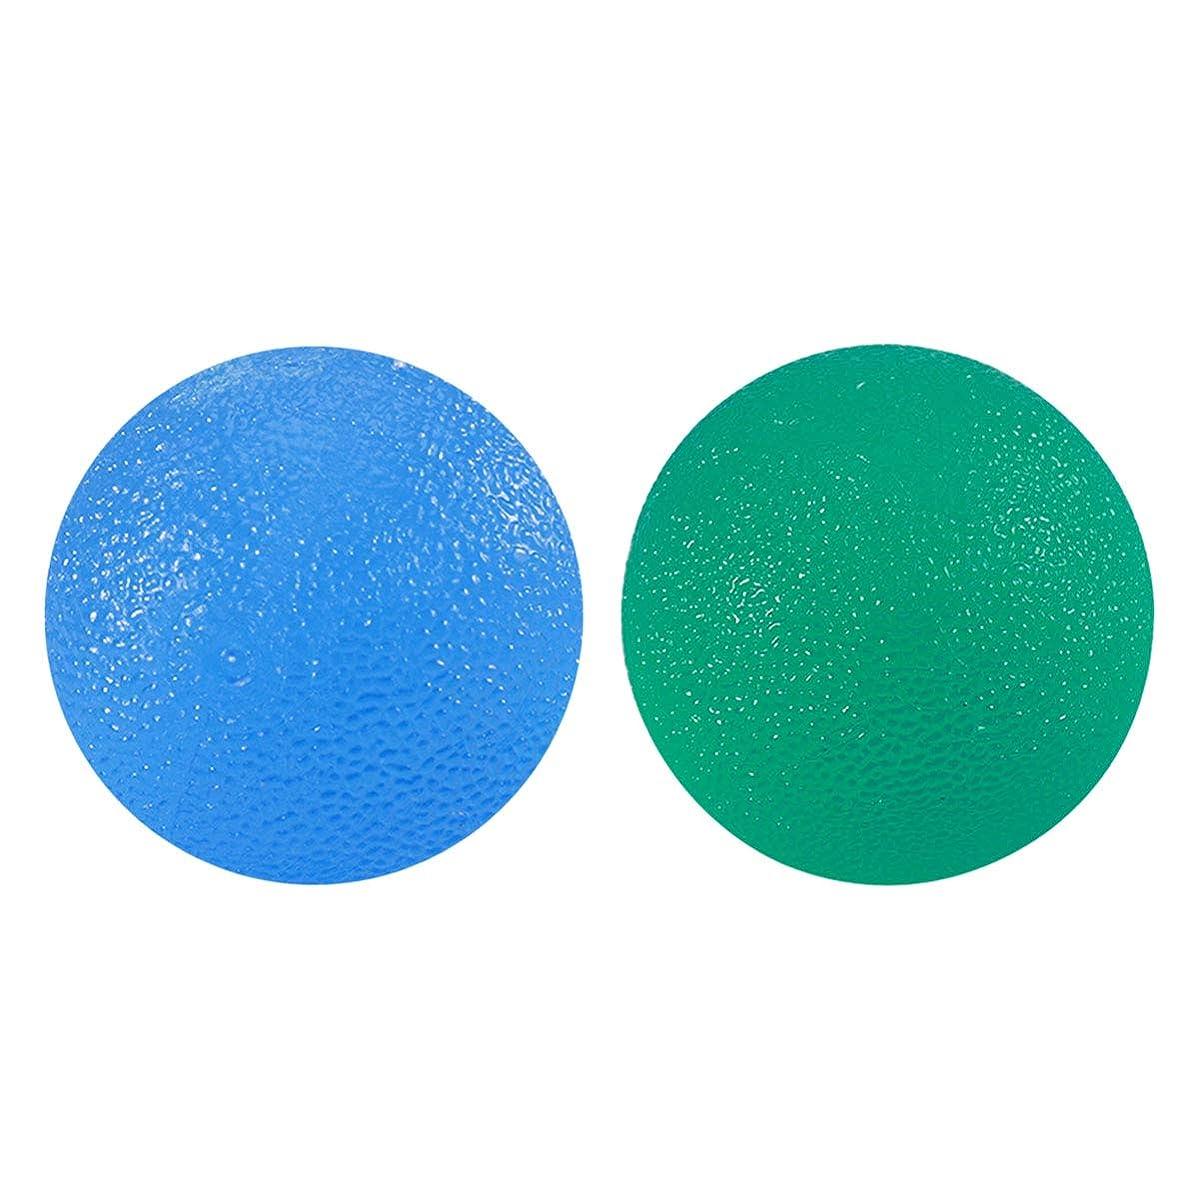 理論的傾向取り除くSUPVOX マッサージボール ストレッチボール 筋膜リリース ツボ押し トレーニング 健康器具 血行促進2個入(緑と青)